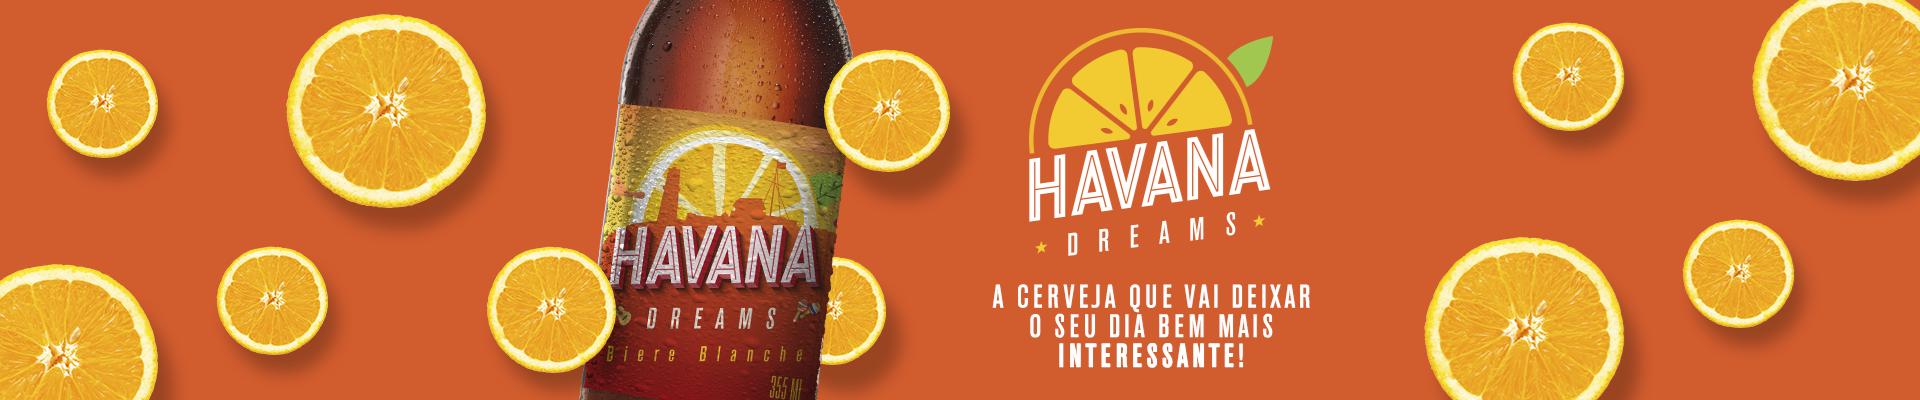 Havana desktop